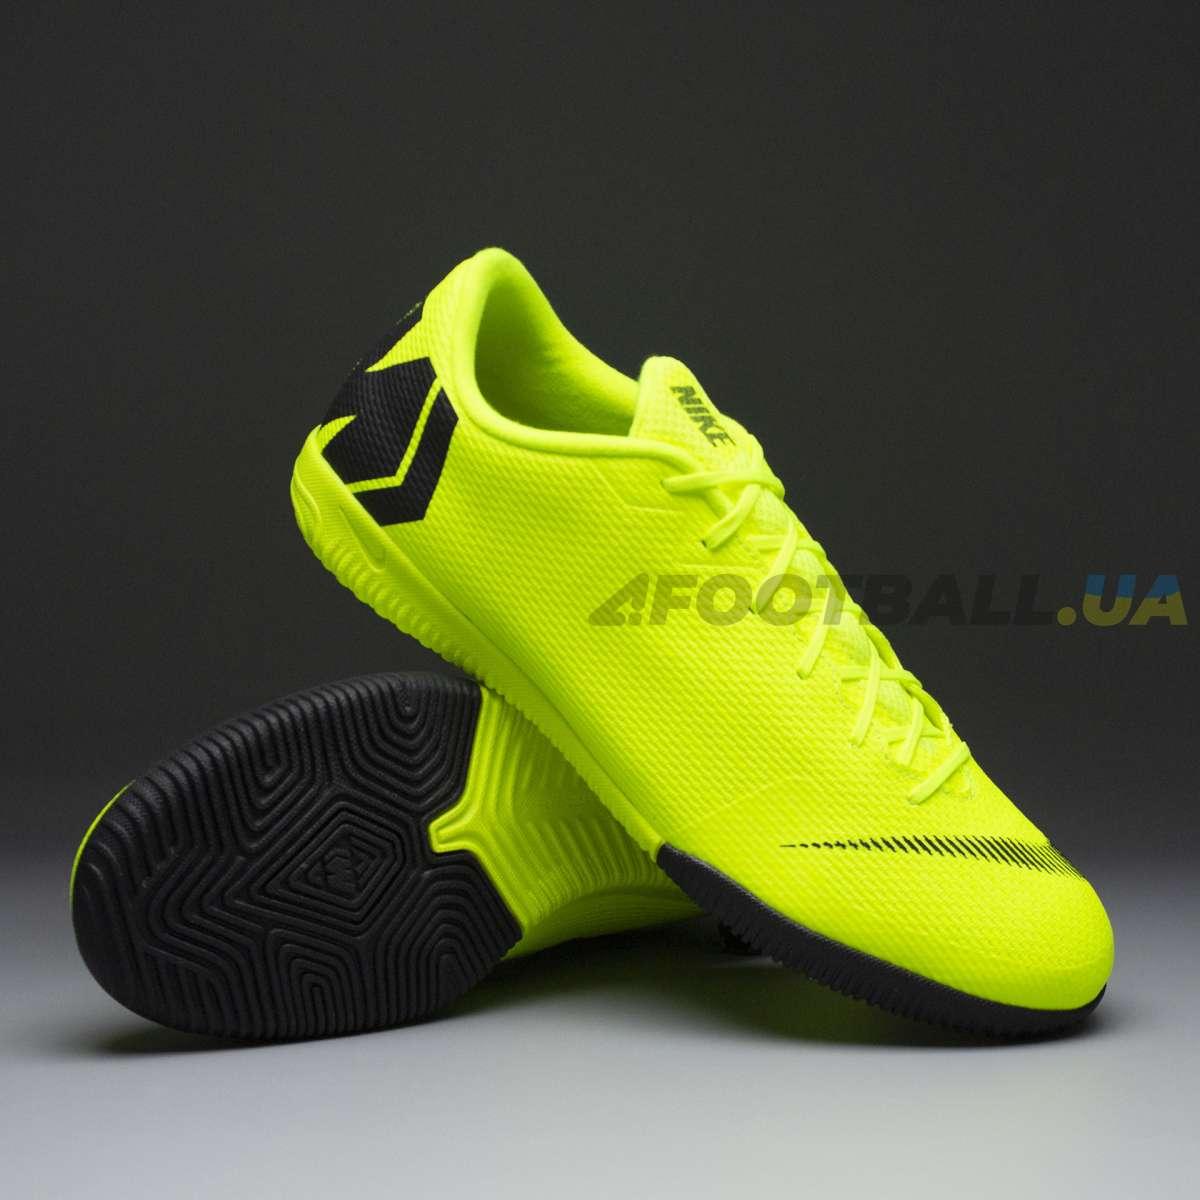 487b6e1de78c 🥇 Футзалки Найк — купить заказать обувь кроссовки бутсы с носком ...